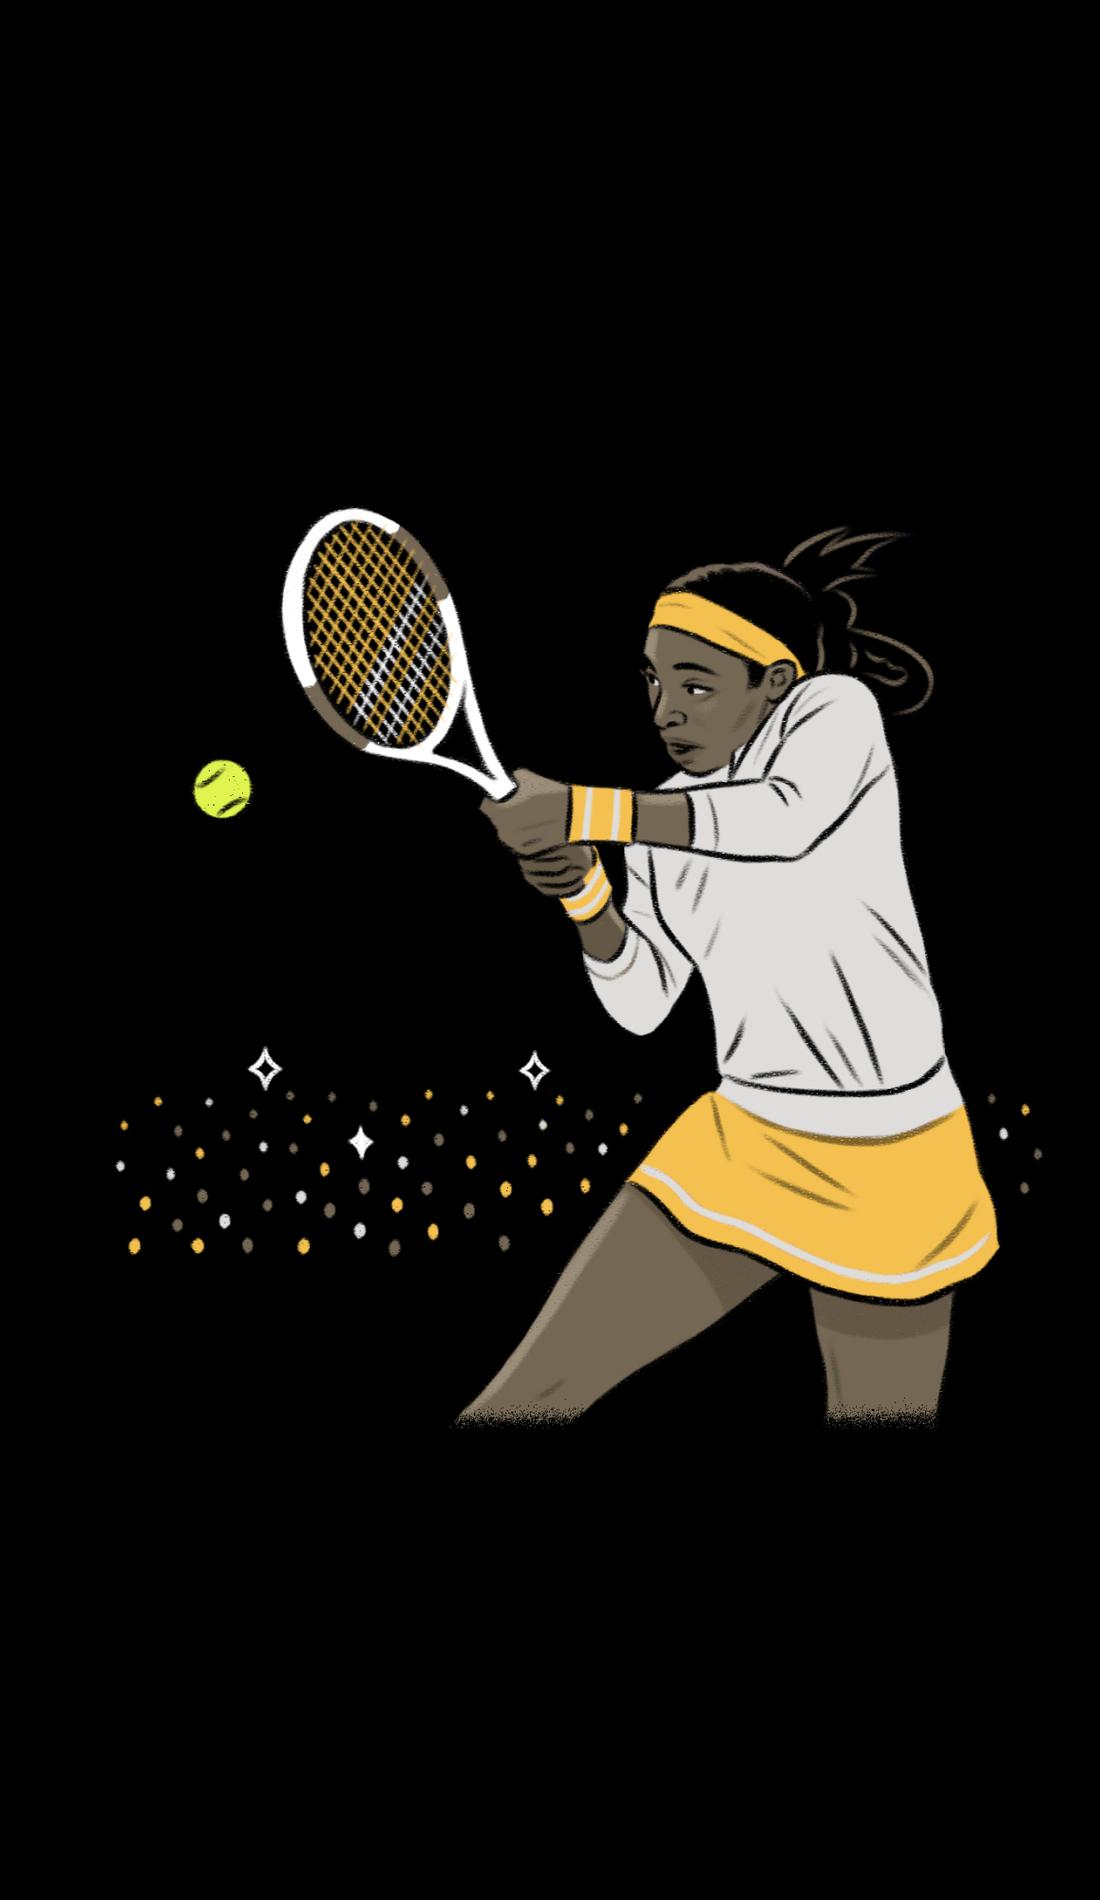 A Miami Open Tennis live event